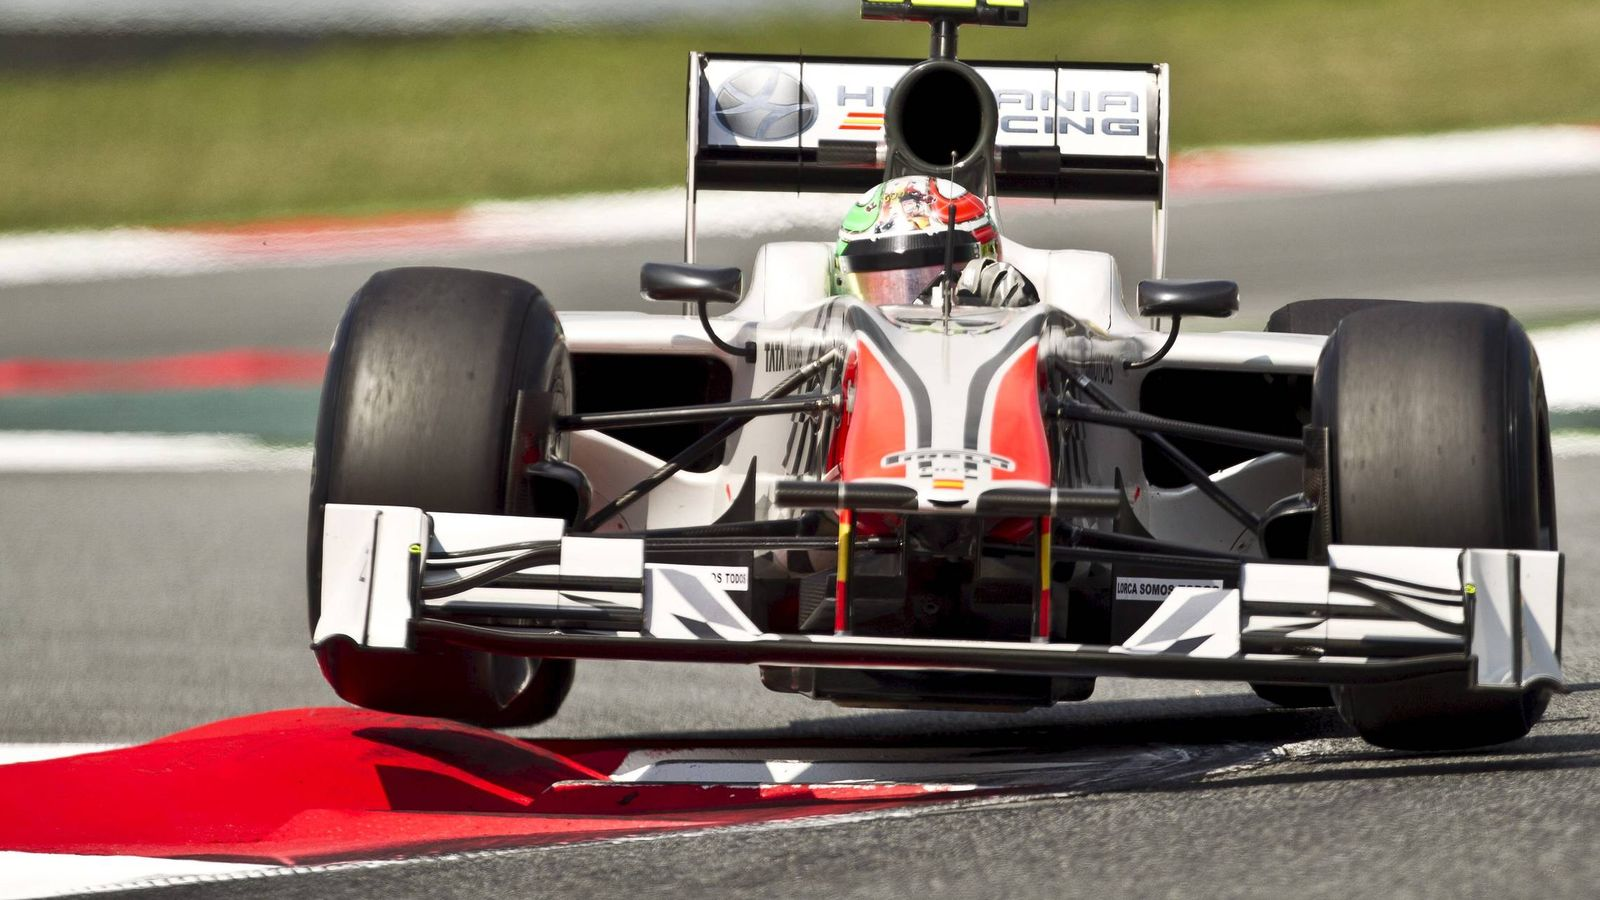 Foto: El monoplaza de HRT en la temporada 2011. (EFE)